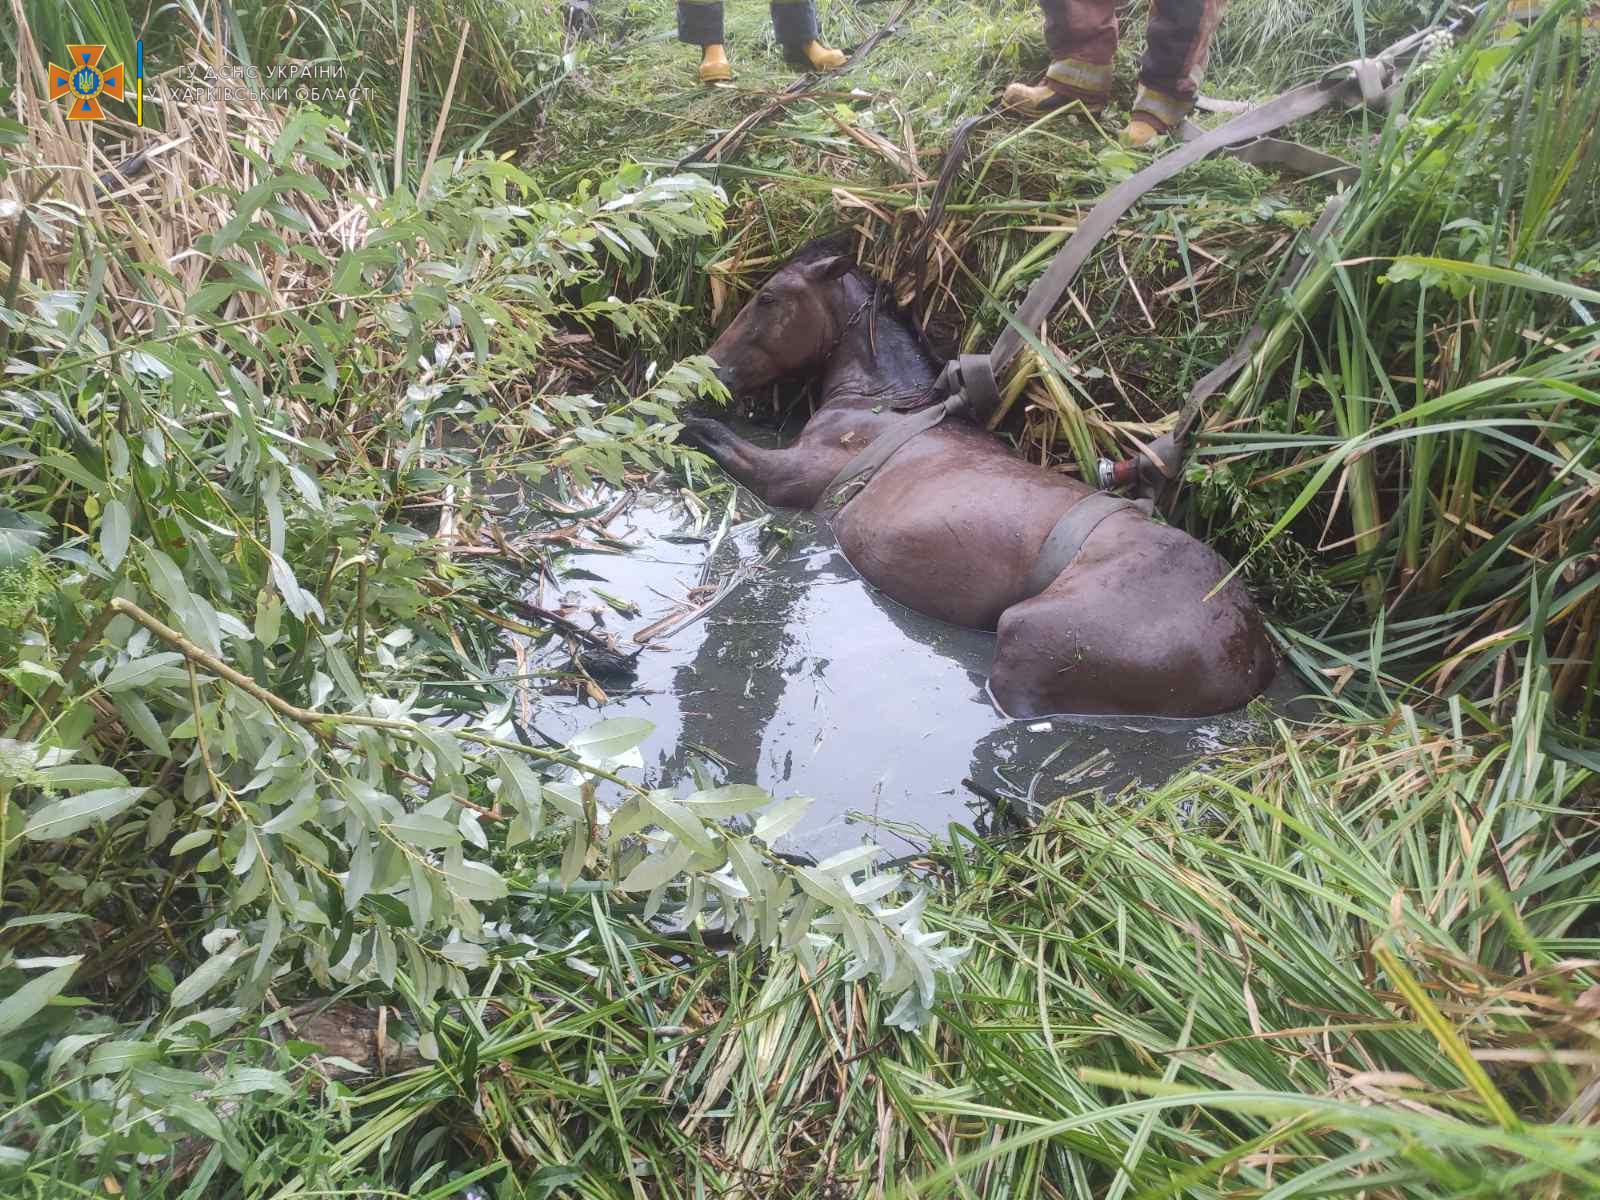 В Харьковской области спасатели вытащили коня из ямы (фоторепортаж)